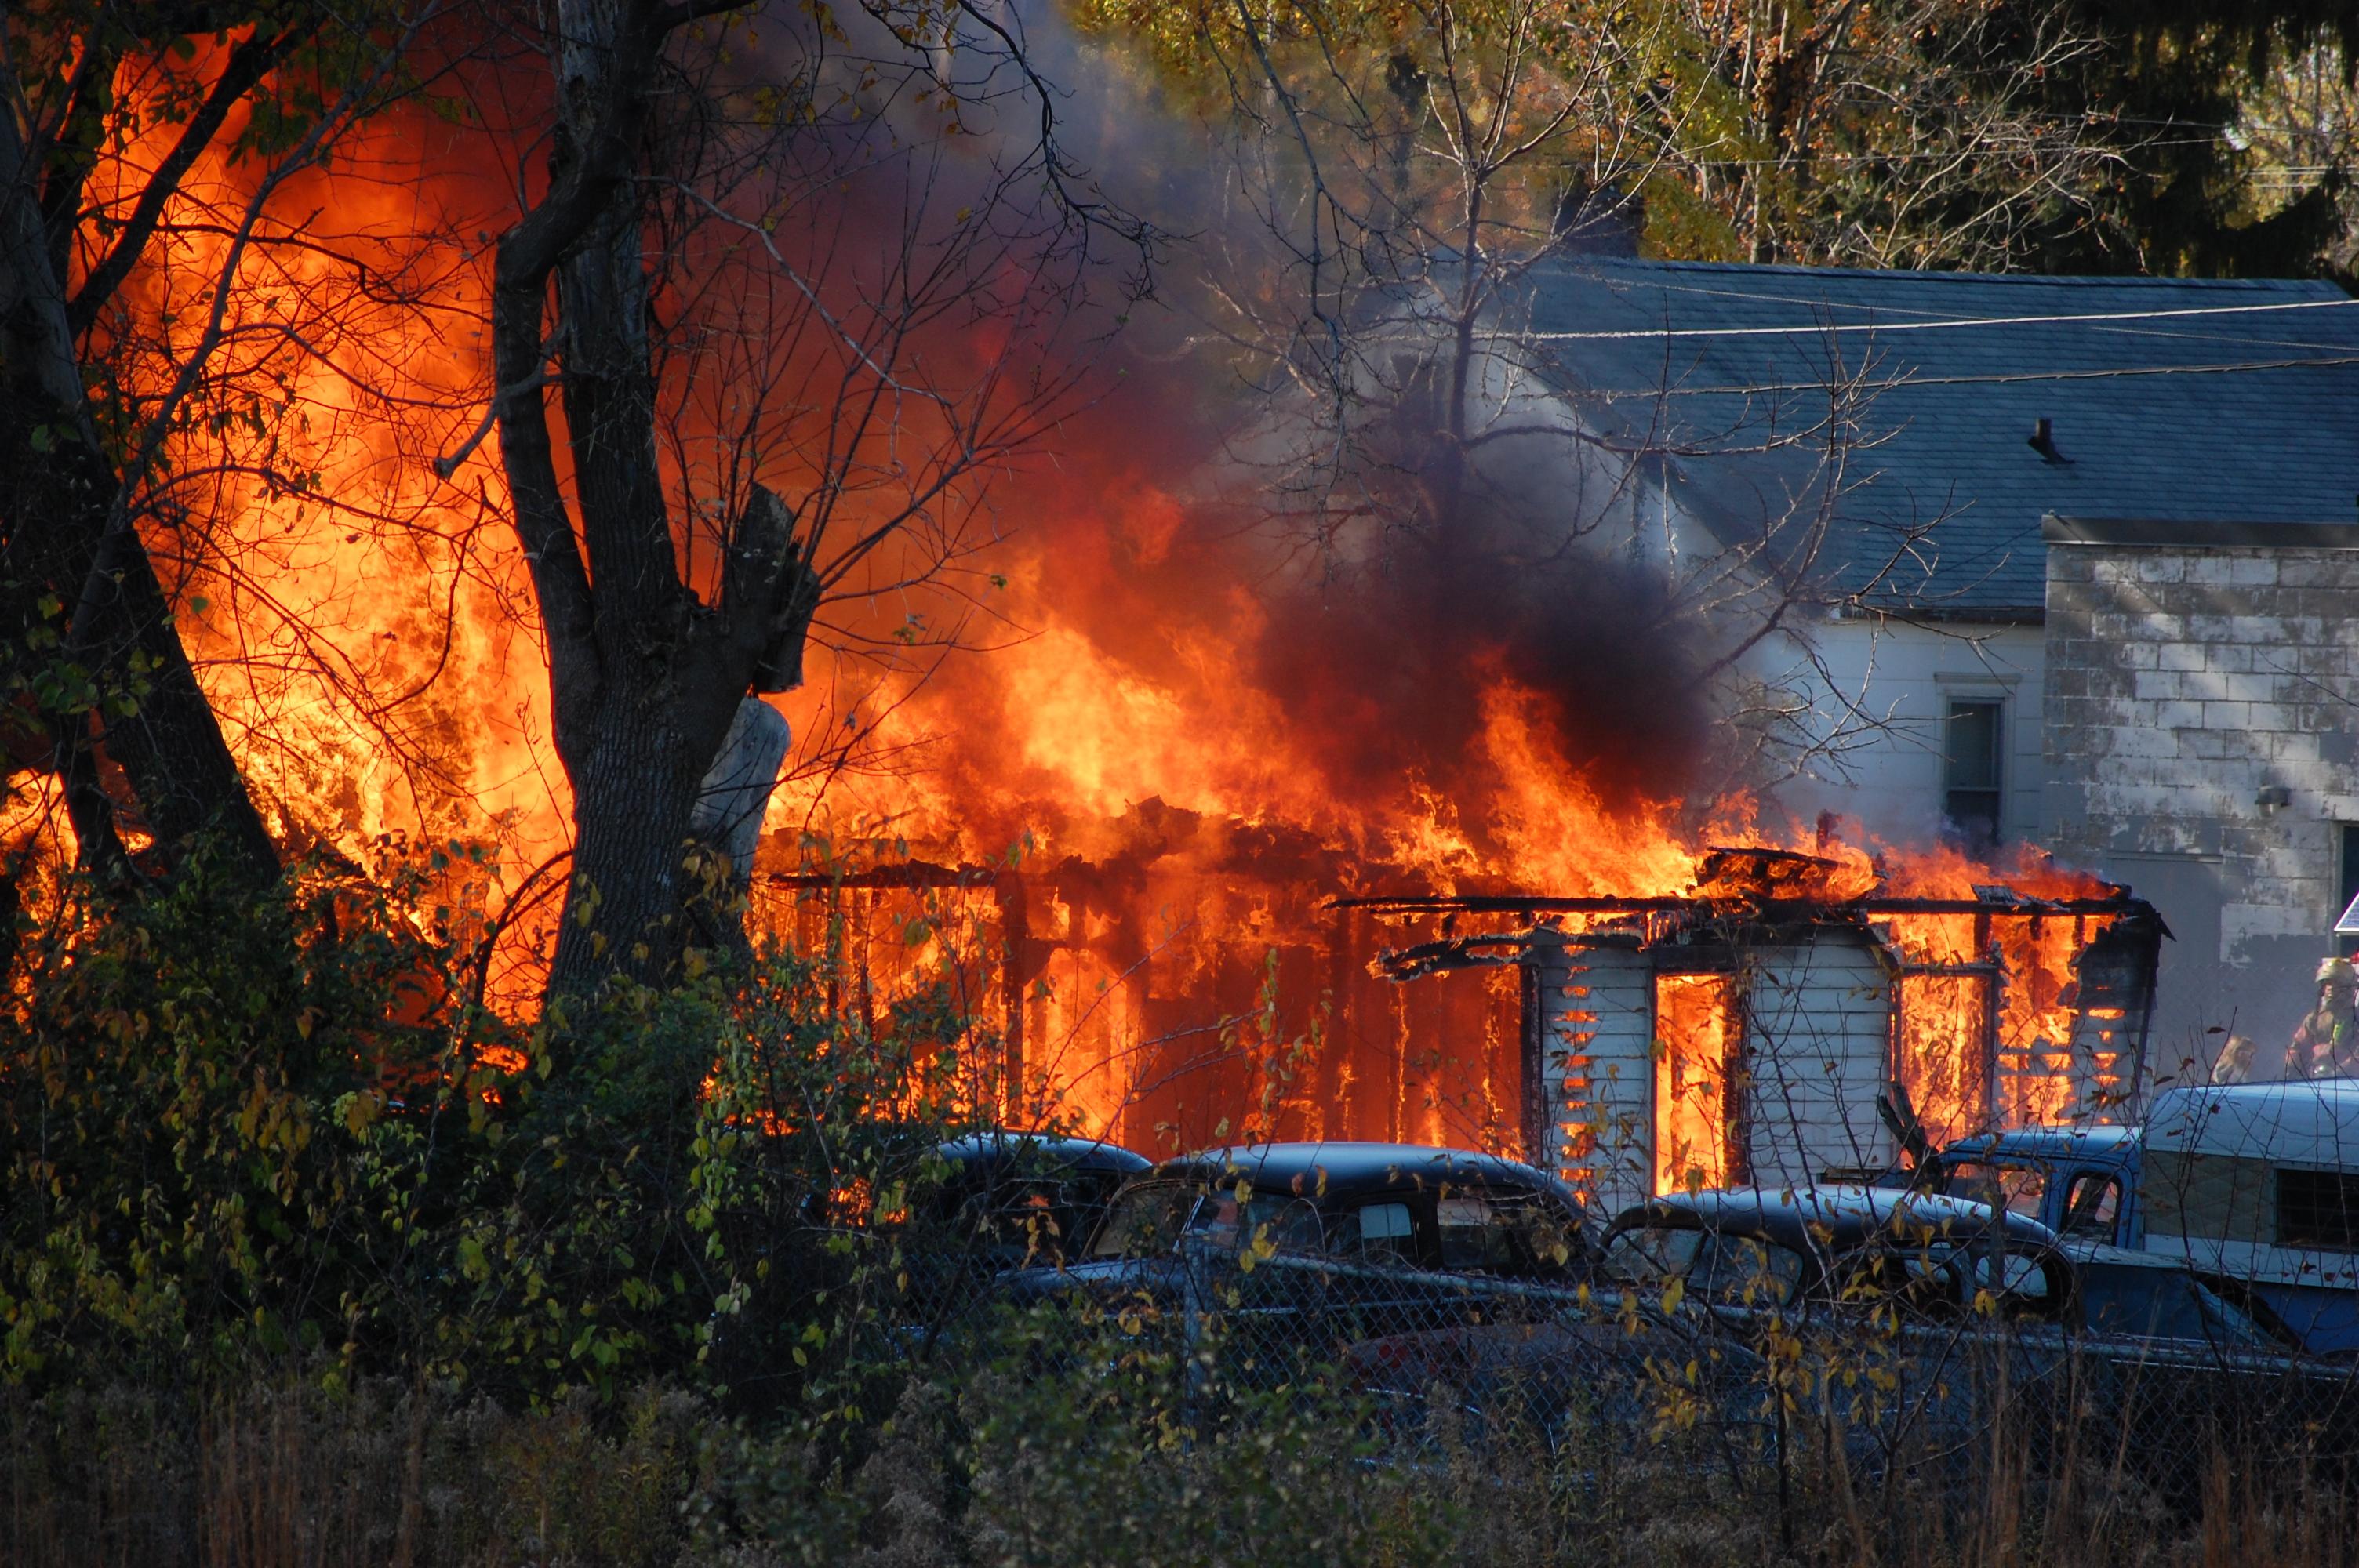 Požár domu - pojištění majetku